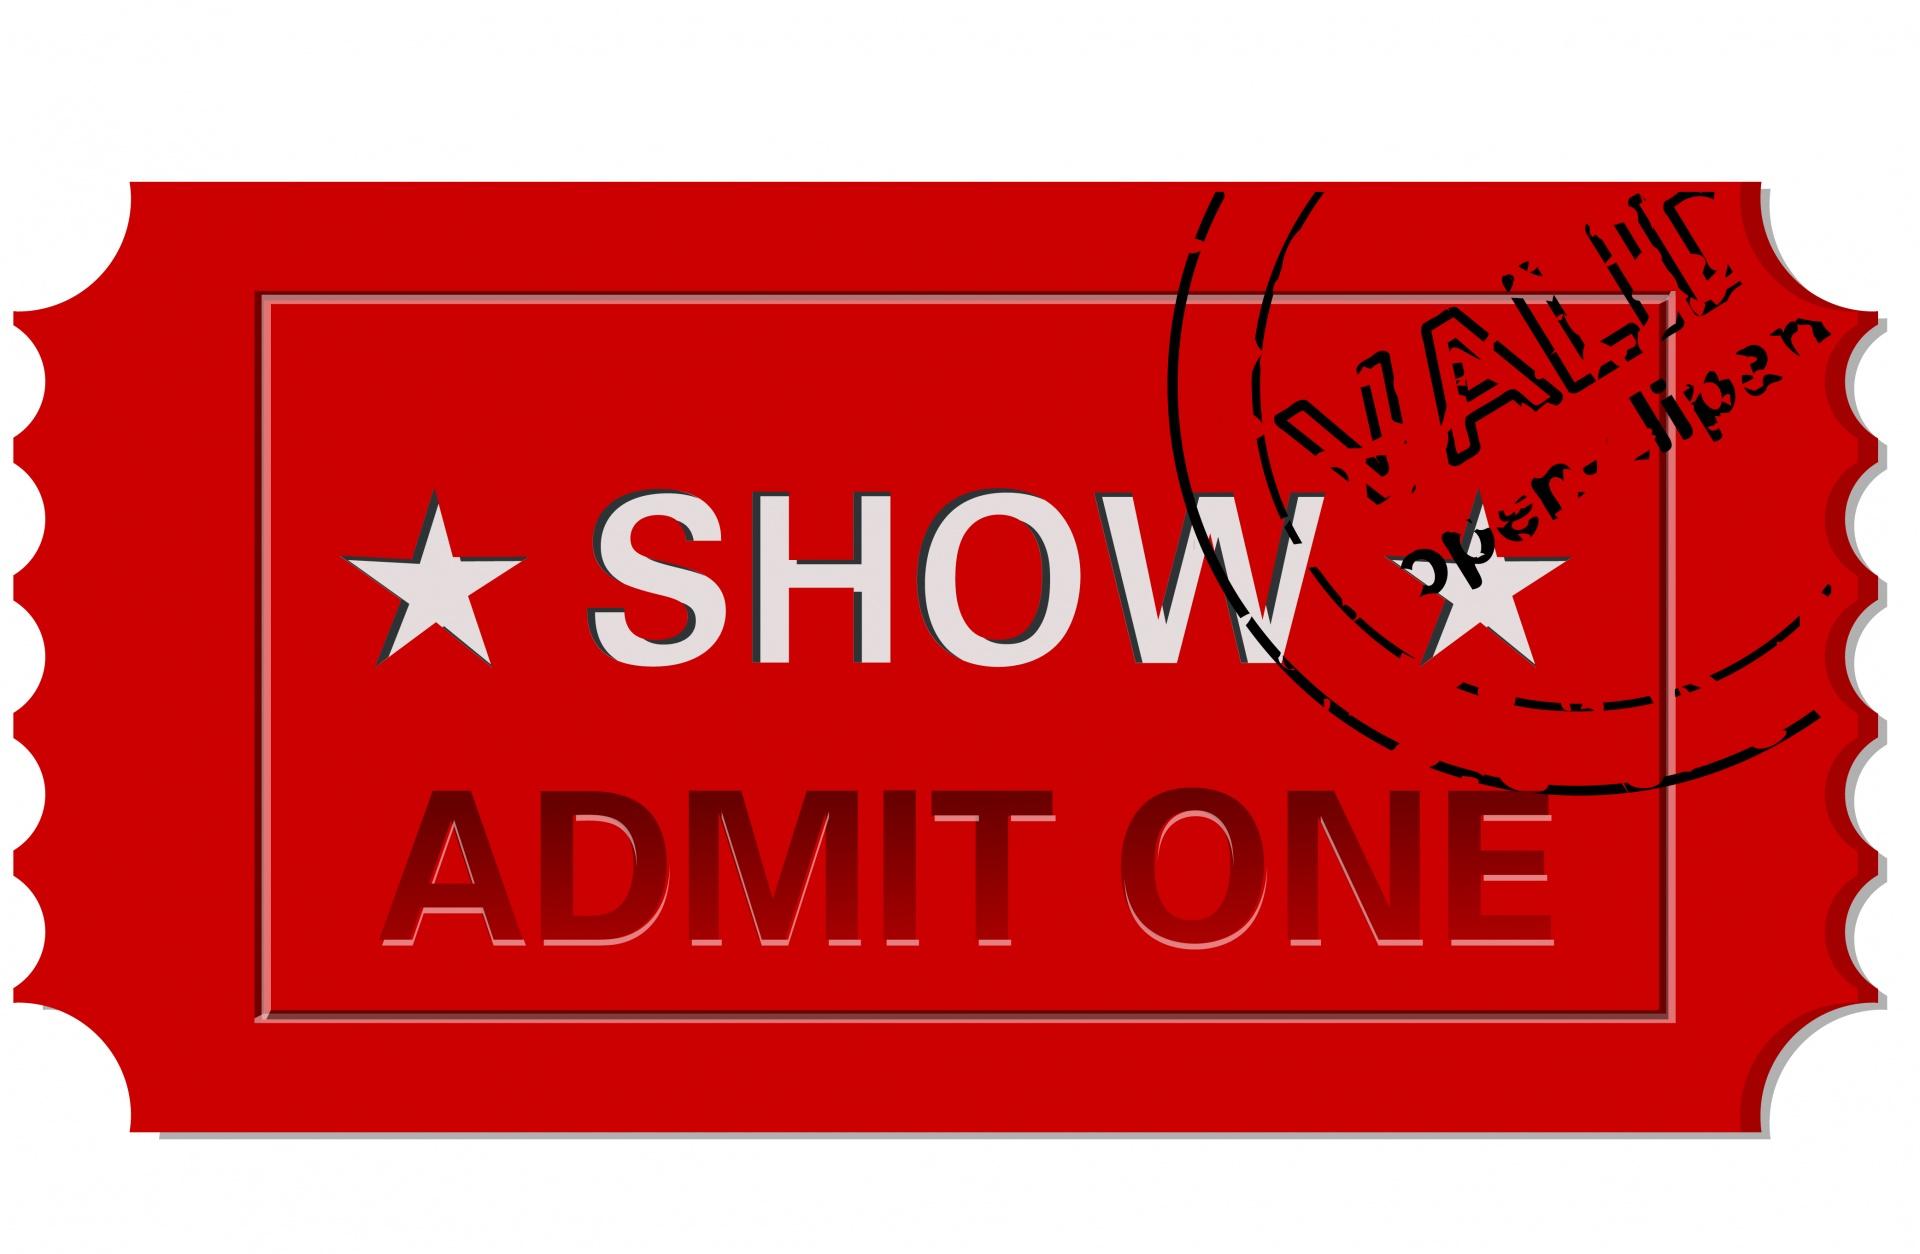 Kaartverkoop gestart - De kaartverkoop is gestart. Ga snel naar de site van het Theater aan de Parade en reserveer jouw plaats!>> Klik hier om te reserveren <<